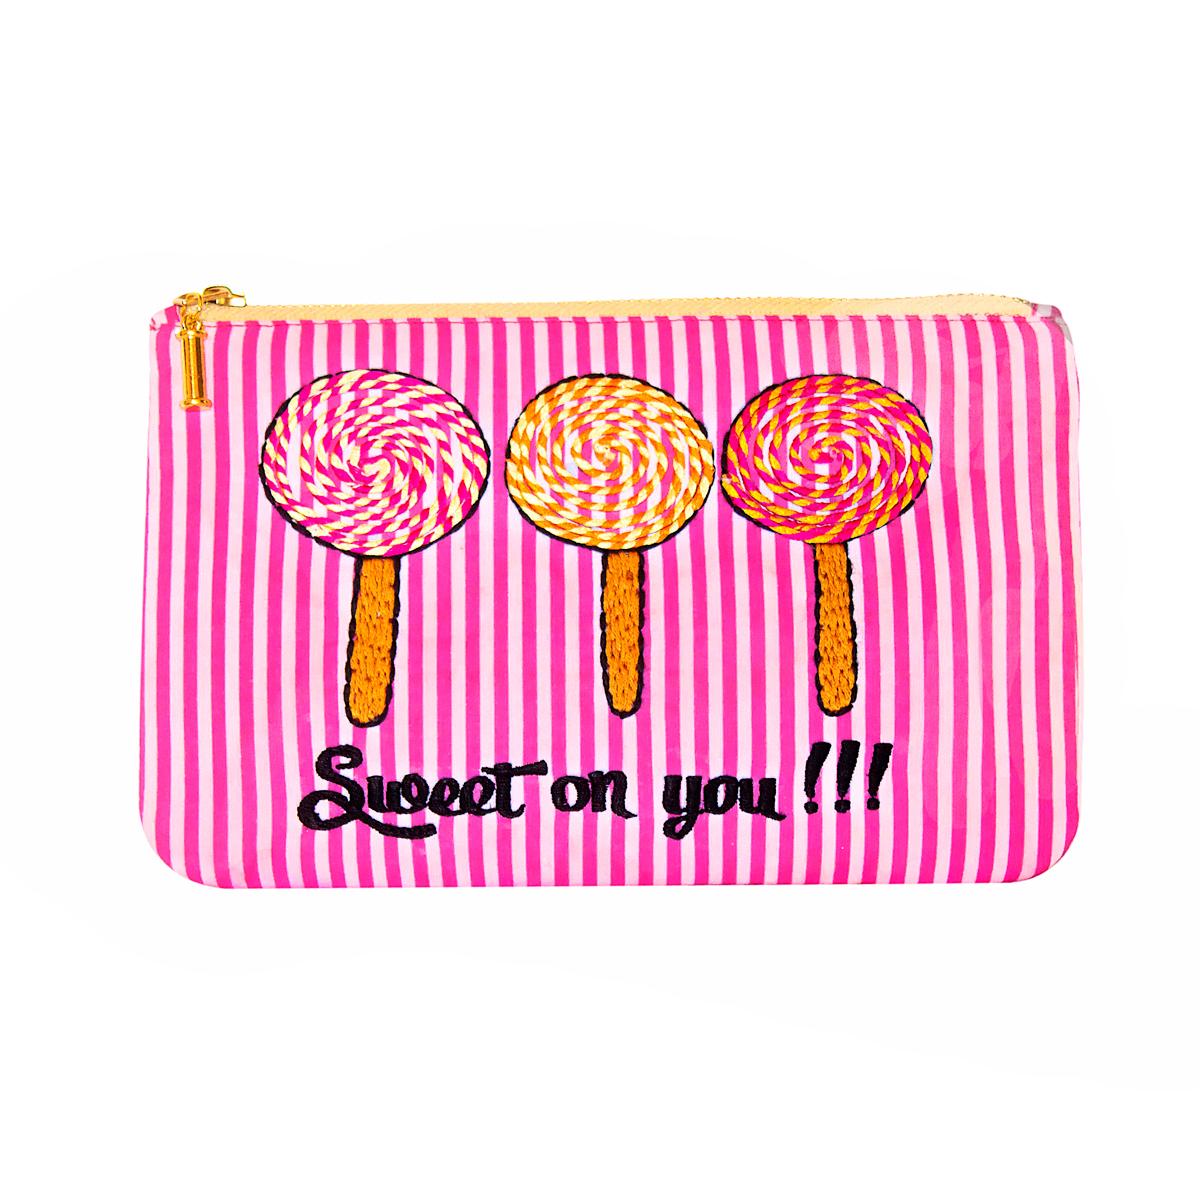 Sweet On You bag Sewlomax